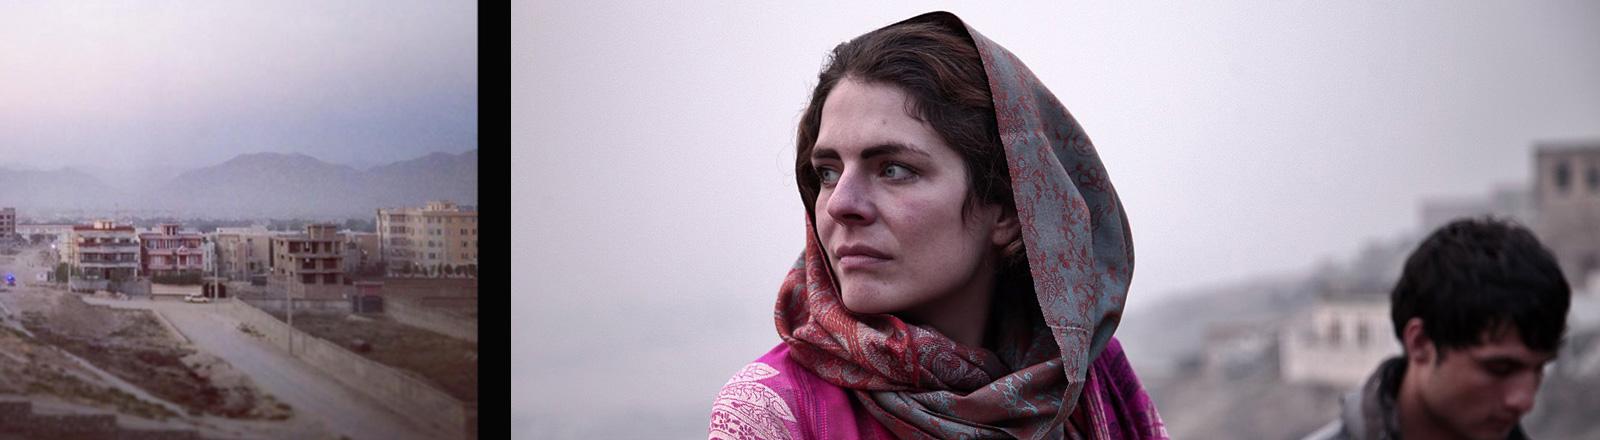 Ronja von Wurmb-Seibel in Kabul